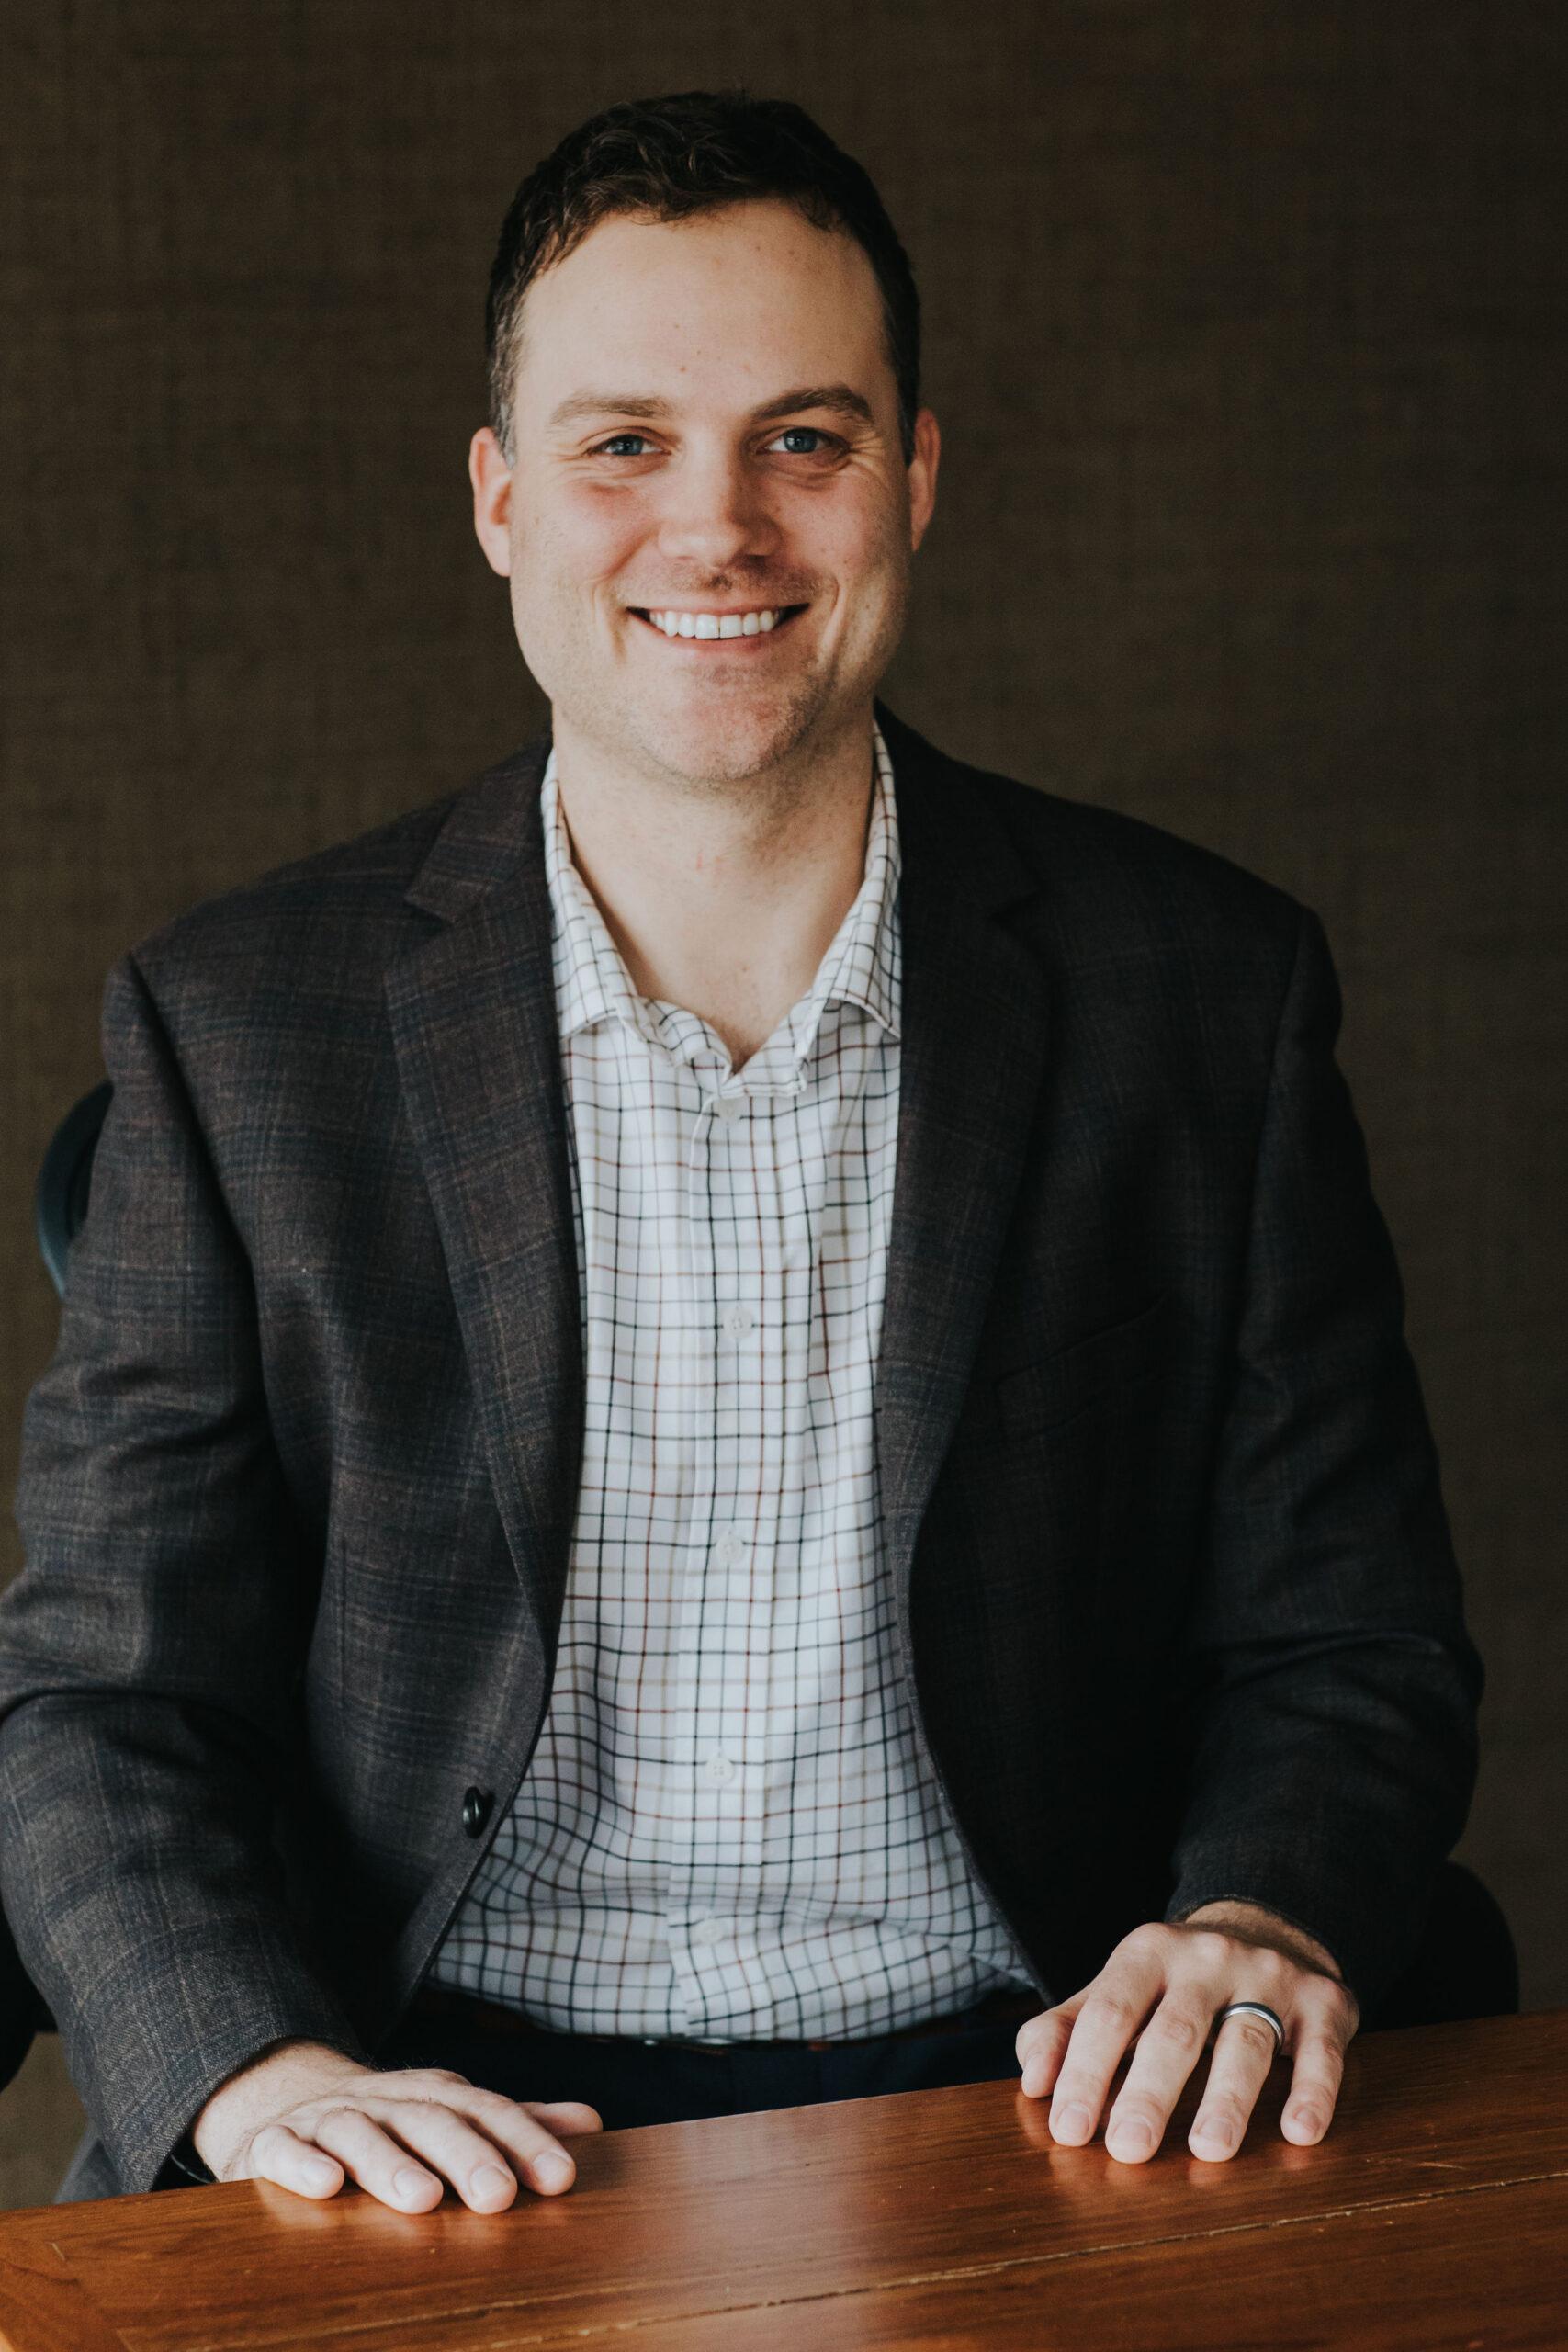 Andrew Gurbada